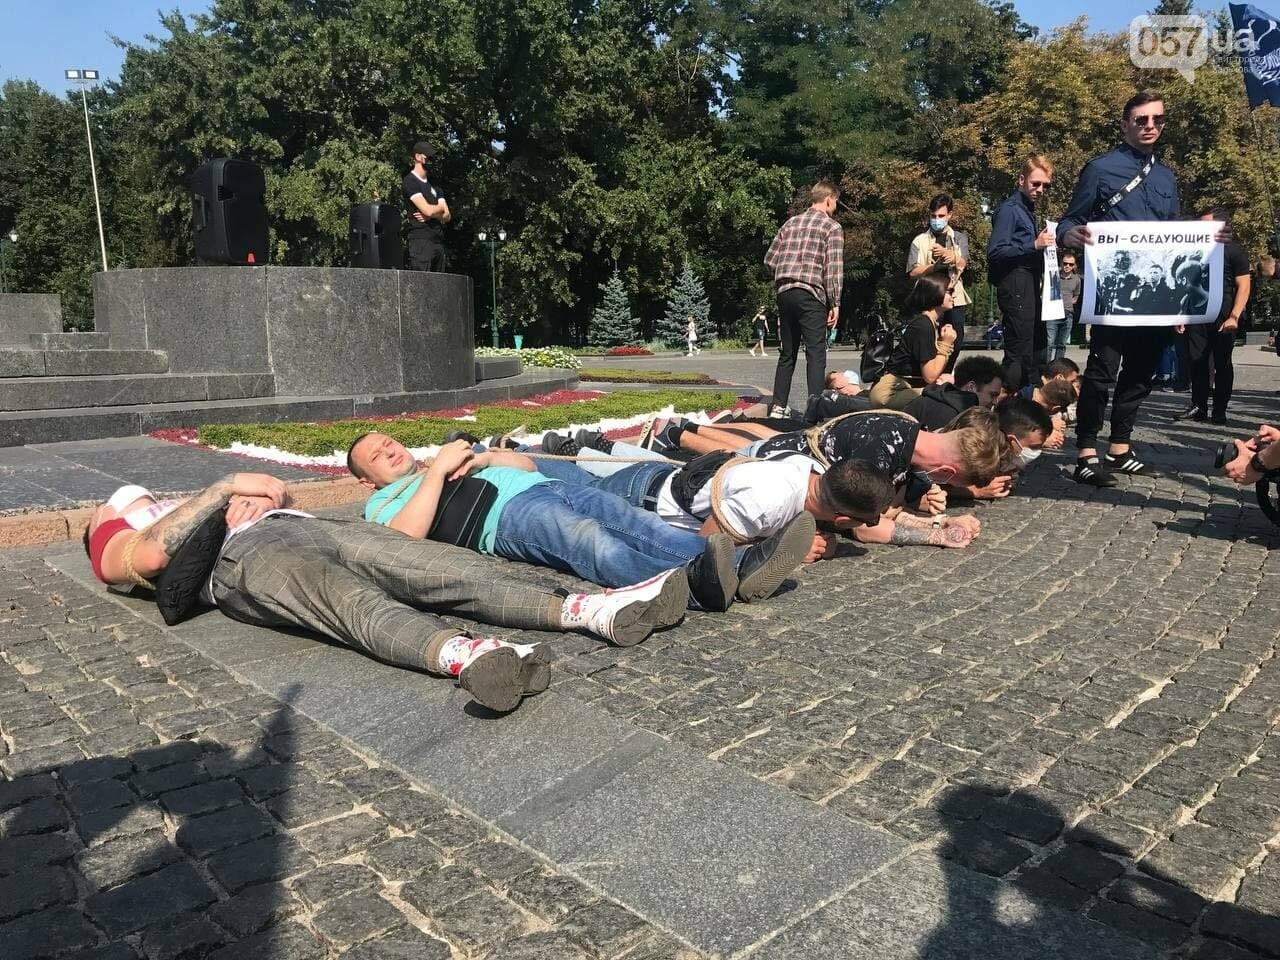 «Связанные» активисты и плакаты напротив дороги: в центре Харькова националисты митинговали против ЛГБТ-марша, - ФОТОРЕПОРТАЖ, фото-8